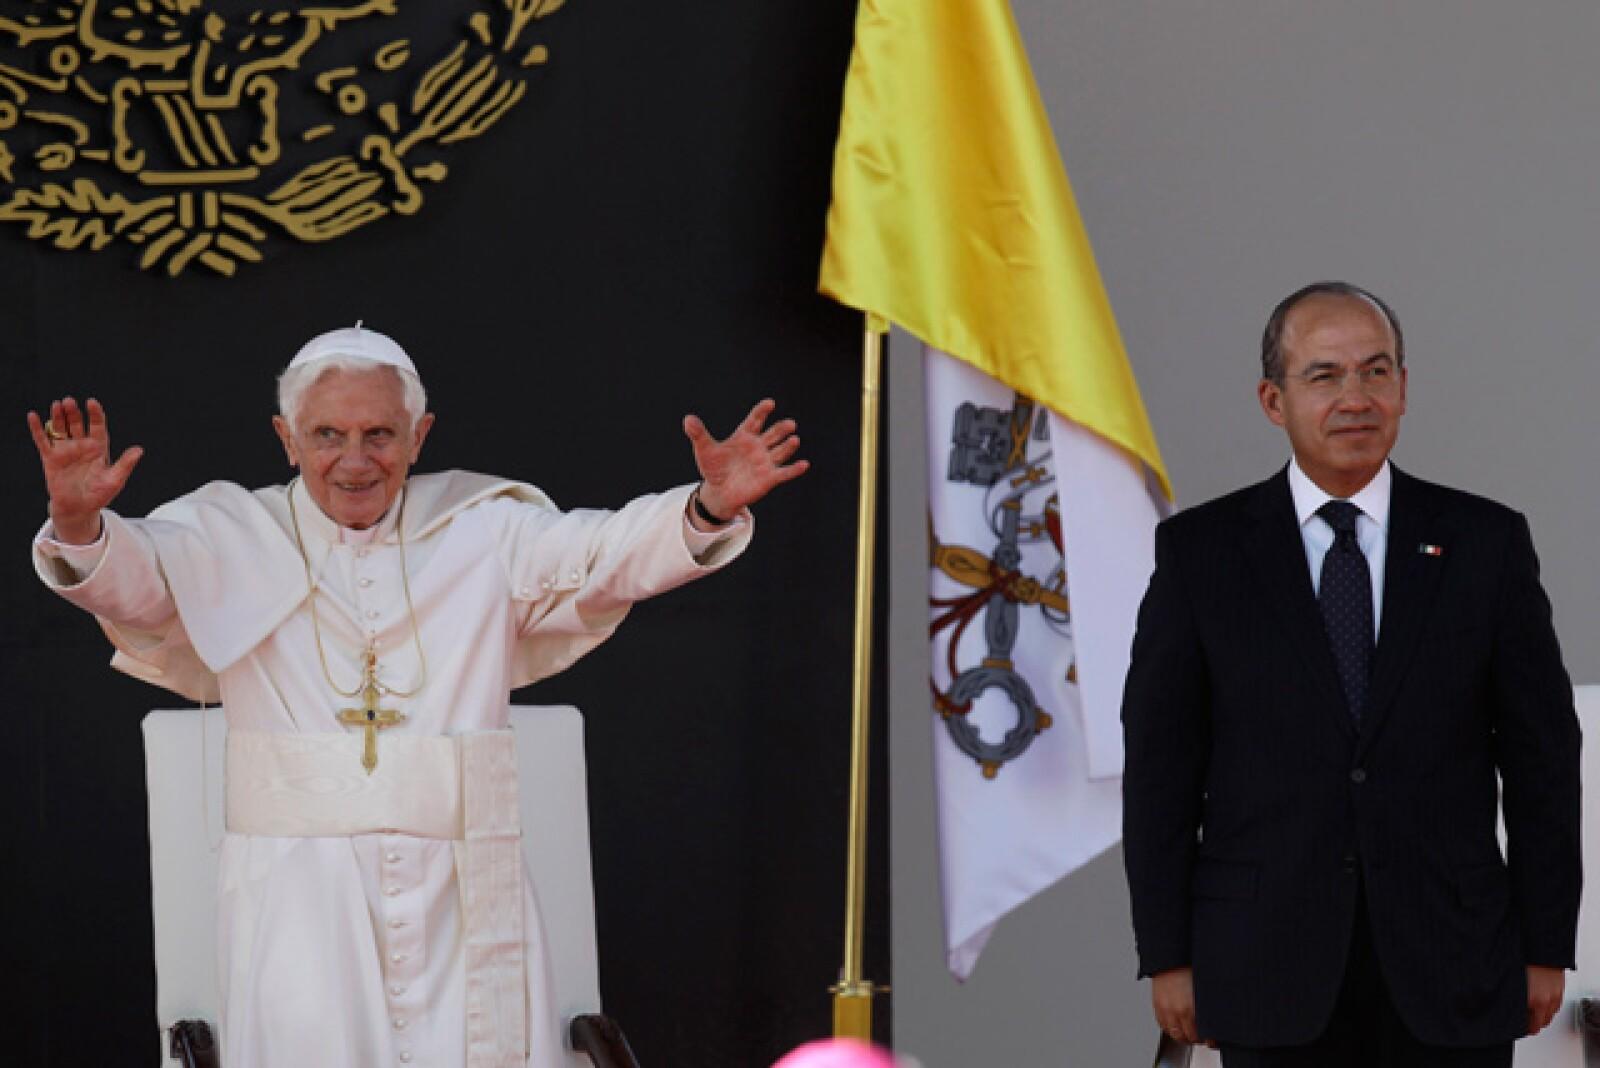 El máximo jerarca de la Iglesia Católica expresó su beneplácito por cumplir con la visita pendiente que había dejado Juan Pablo II a tierras guanajuatenses.